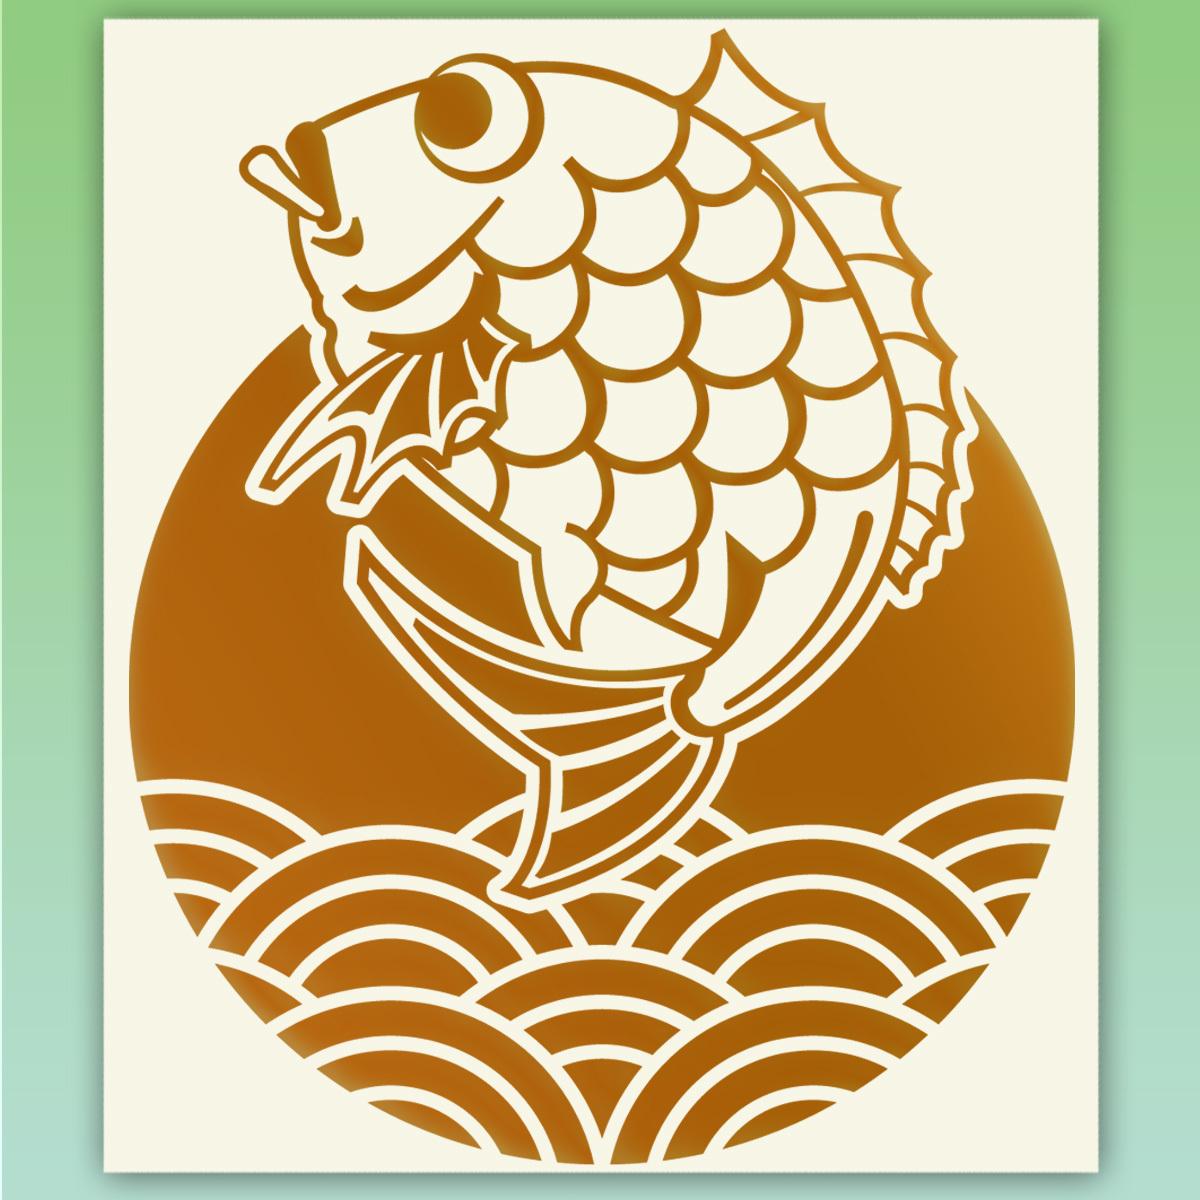 鯛と青海波 釣り フィッシングステッカー 金色または銀色  516_画像1